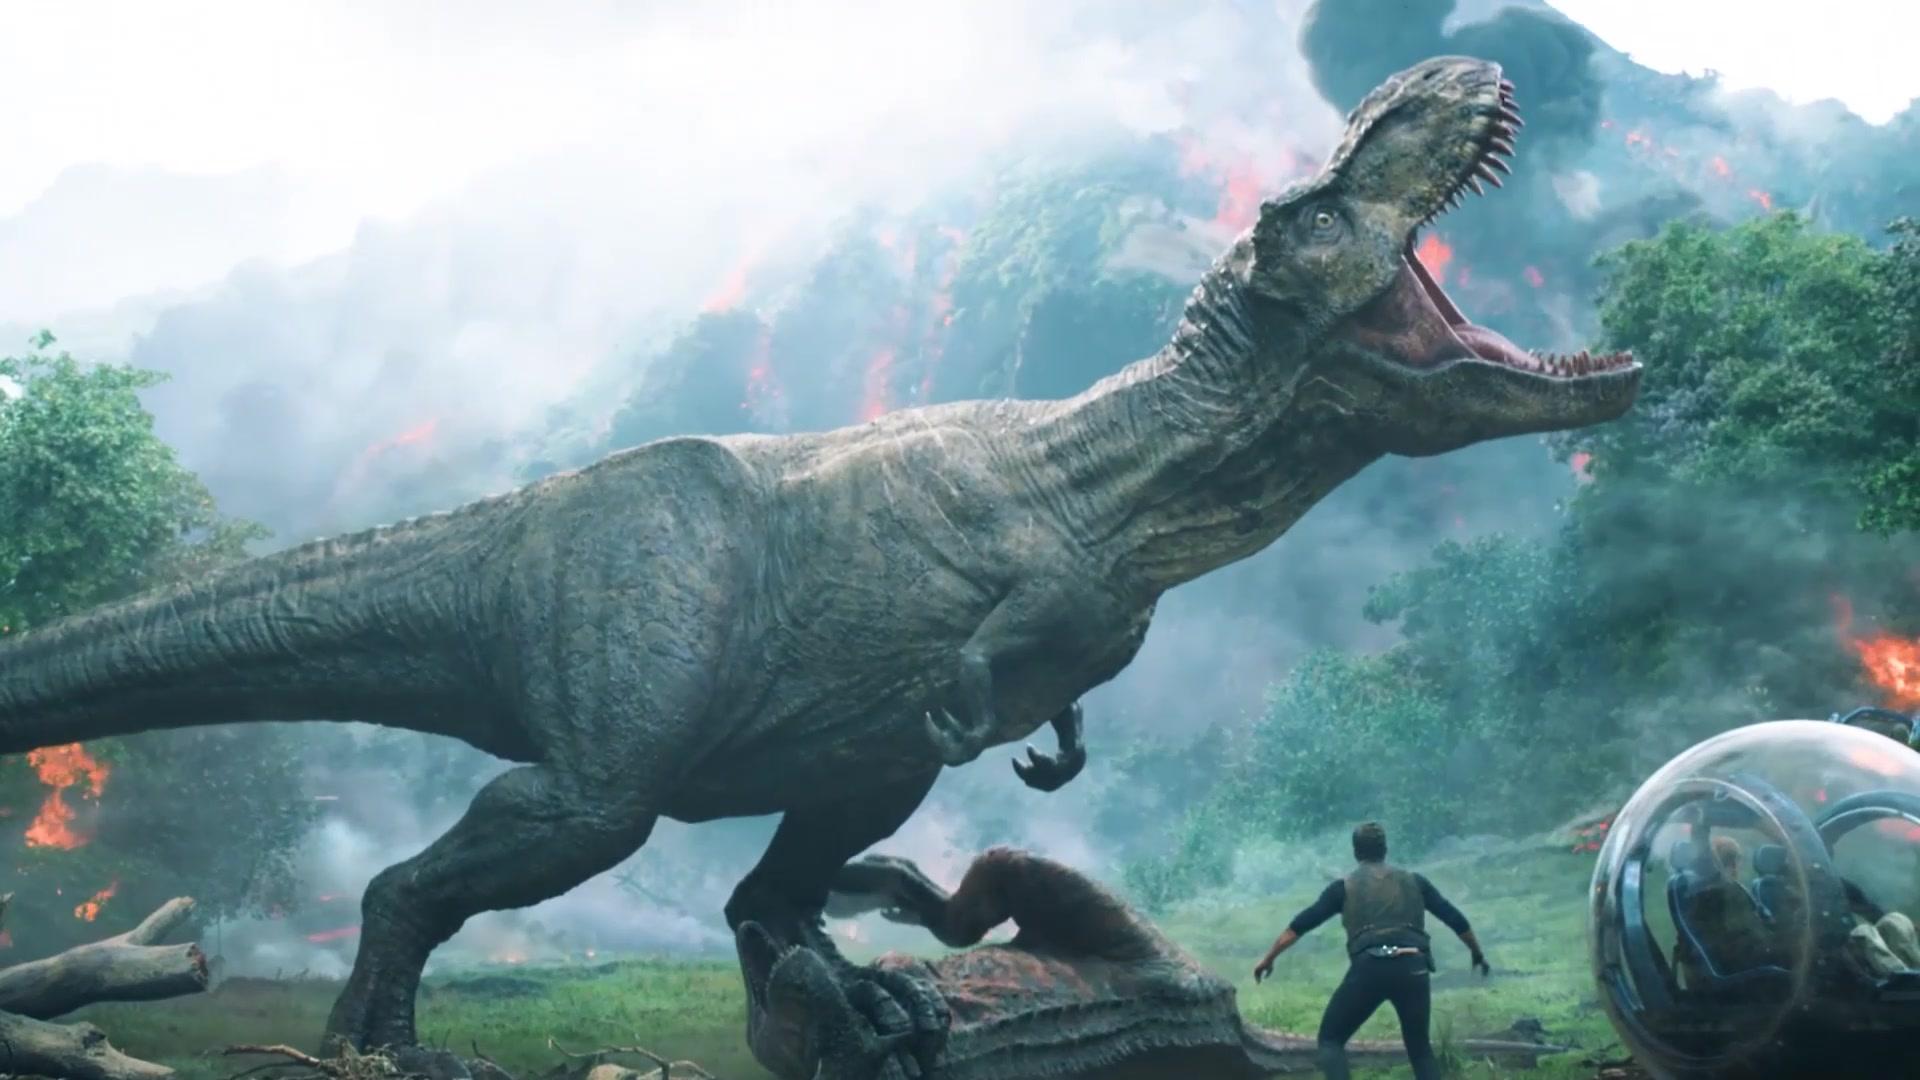 #电影迷的修养#《侏罗纪世界2》4K高清60帧视频剪辑欣赏